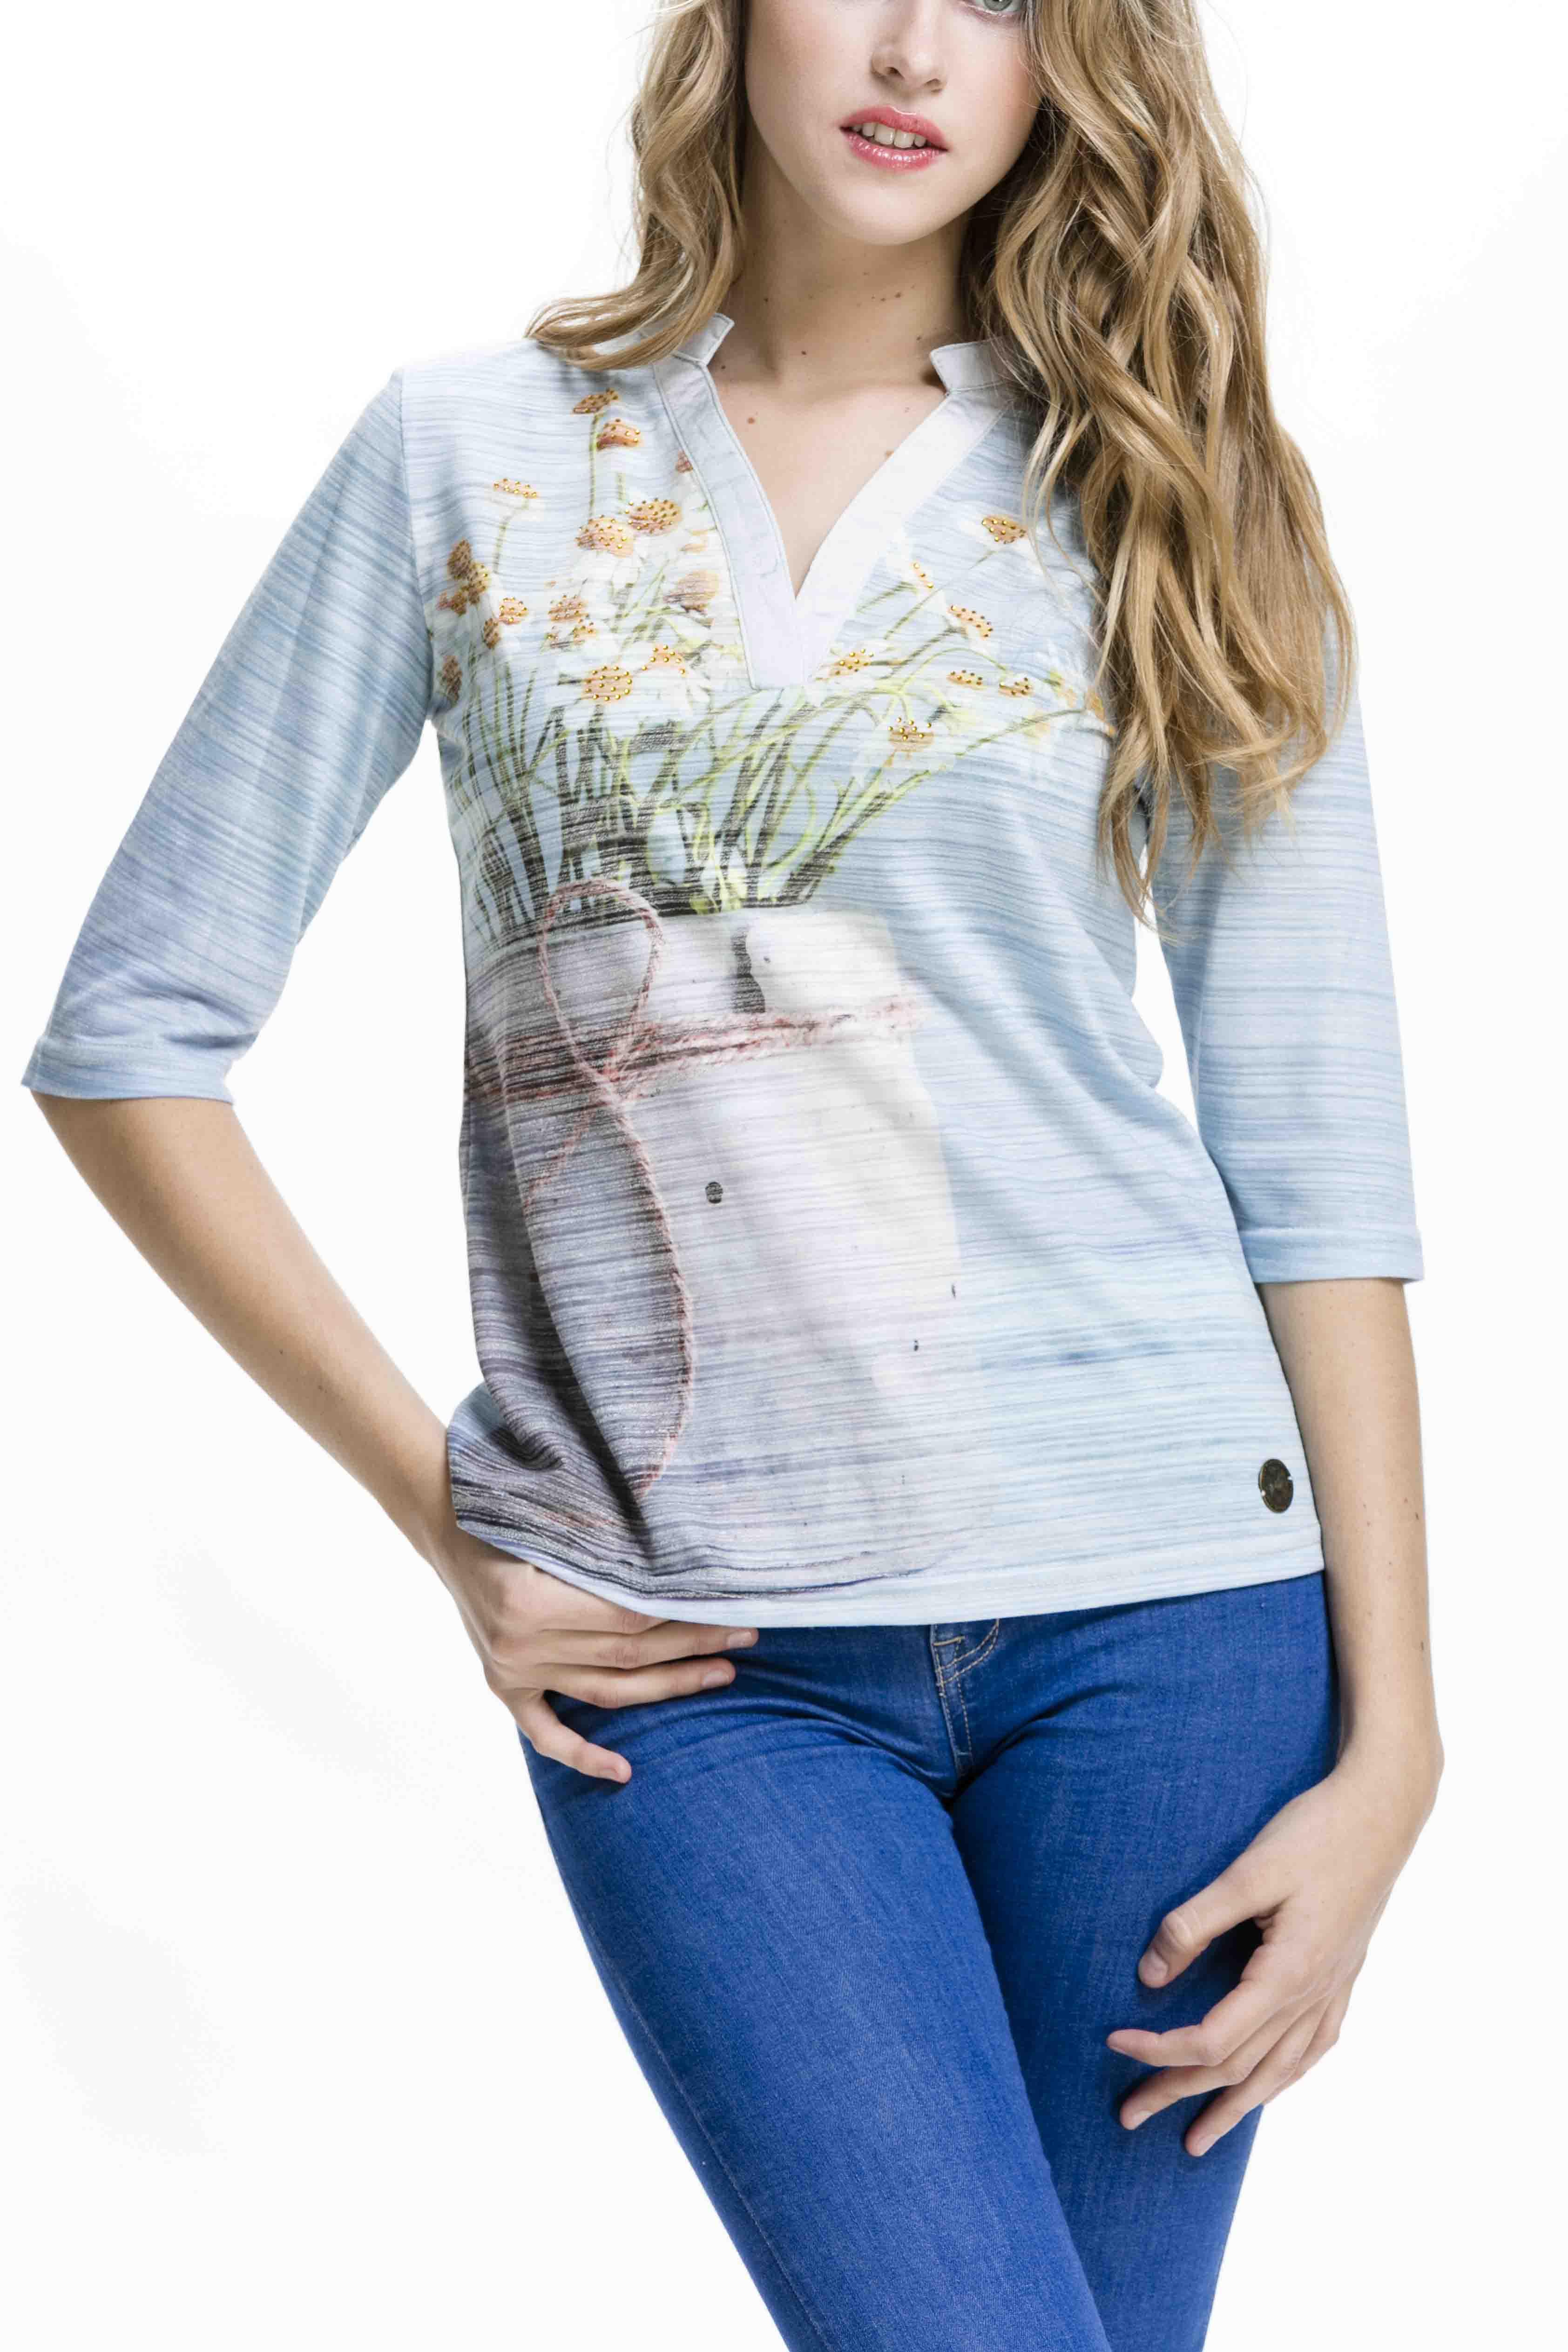 Dámské tričko s jarním motivem od značkyCulito from Spain z kolekce jaro/léto 2017